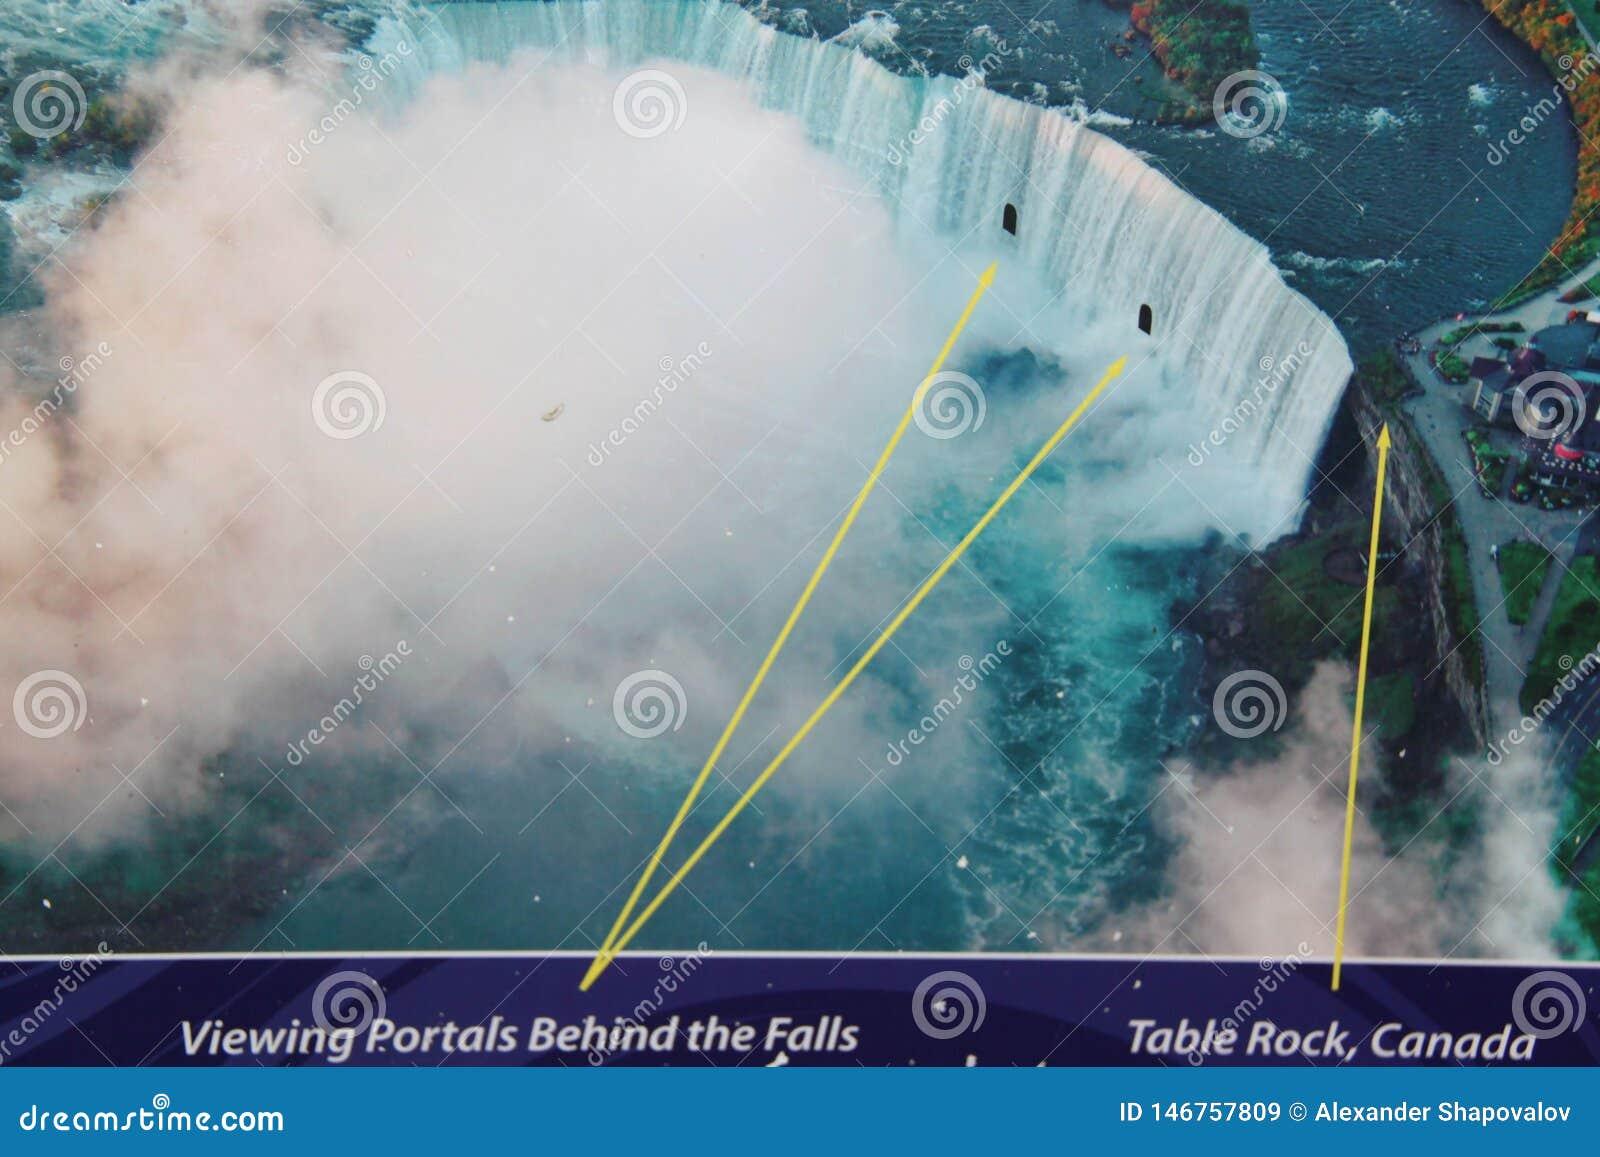 Κλείστε επάνω την άποψη της πινακίδας που παρουσιάζει θέση της εξέτασης των πυλών και του επιτραπέζιου βράχου των καταρρακτών του